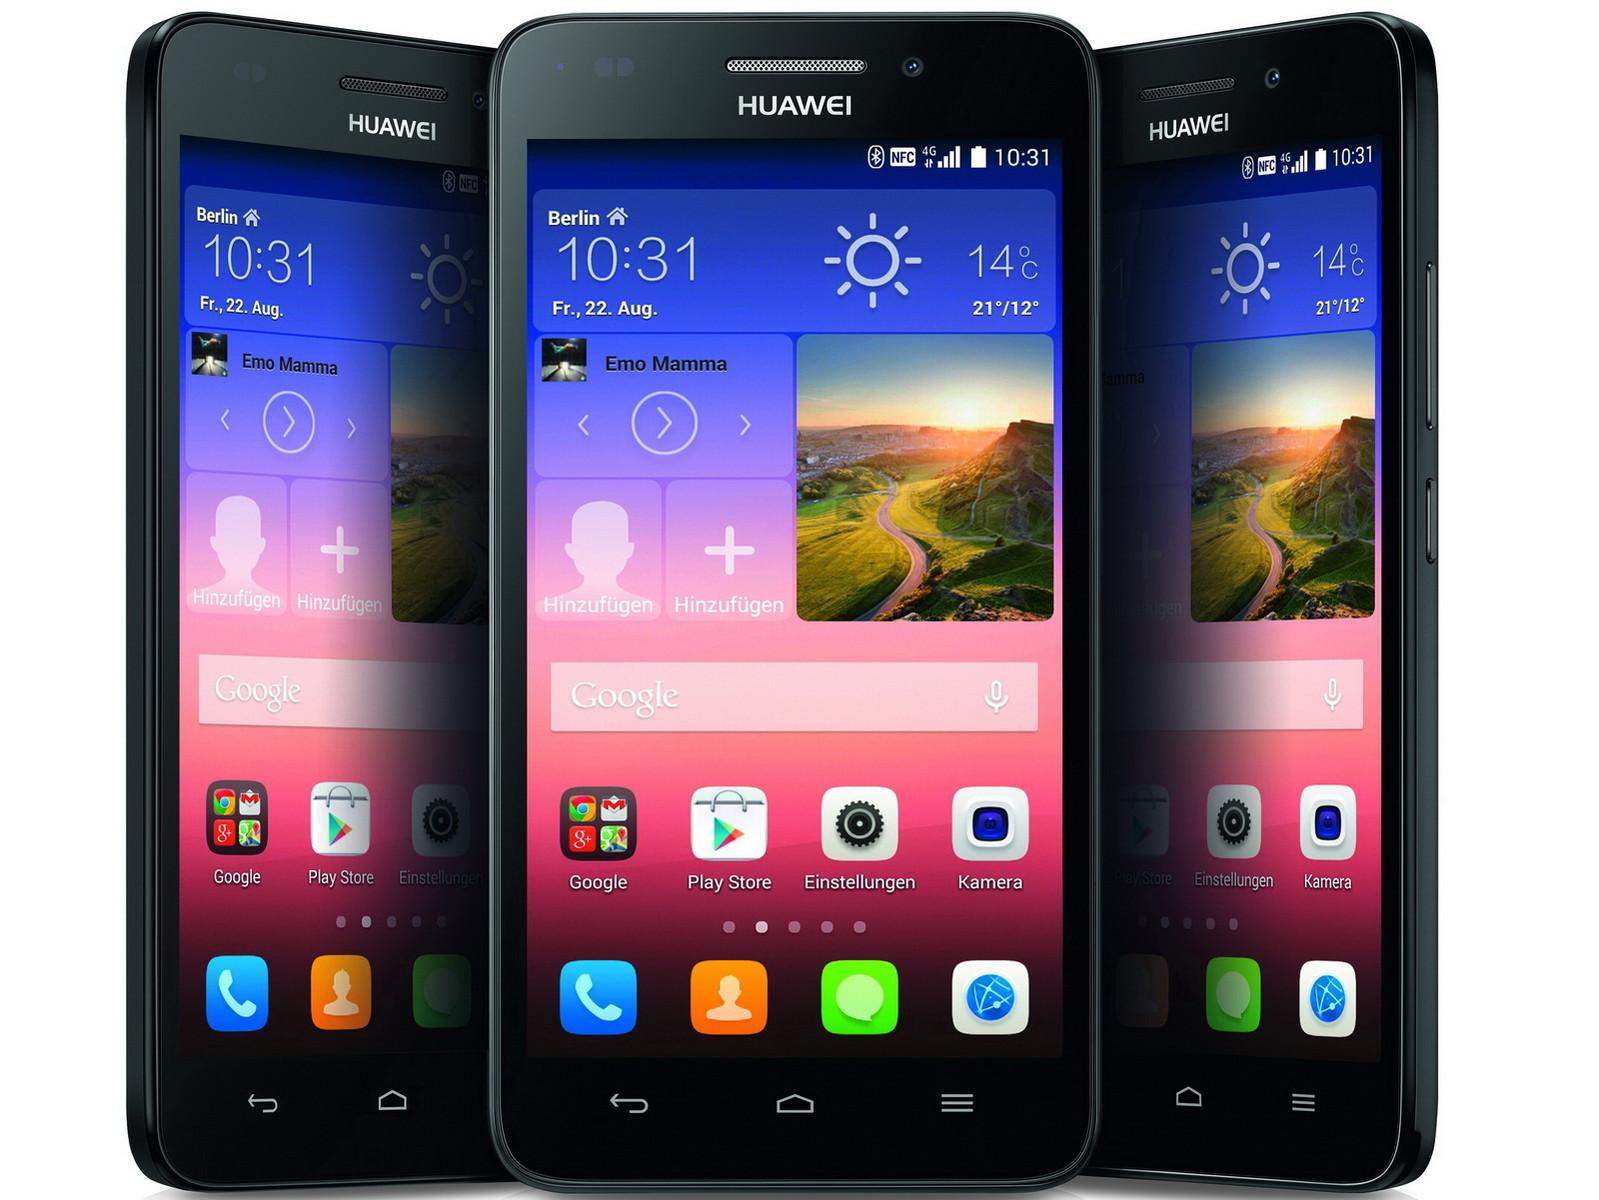 41064a92d13d huawei ascend y550 pris billig mobil billig mobil bedste android til prisen